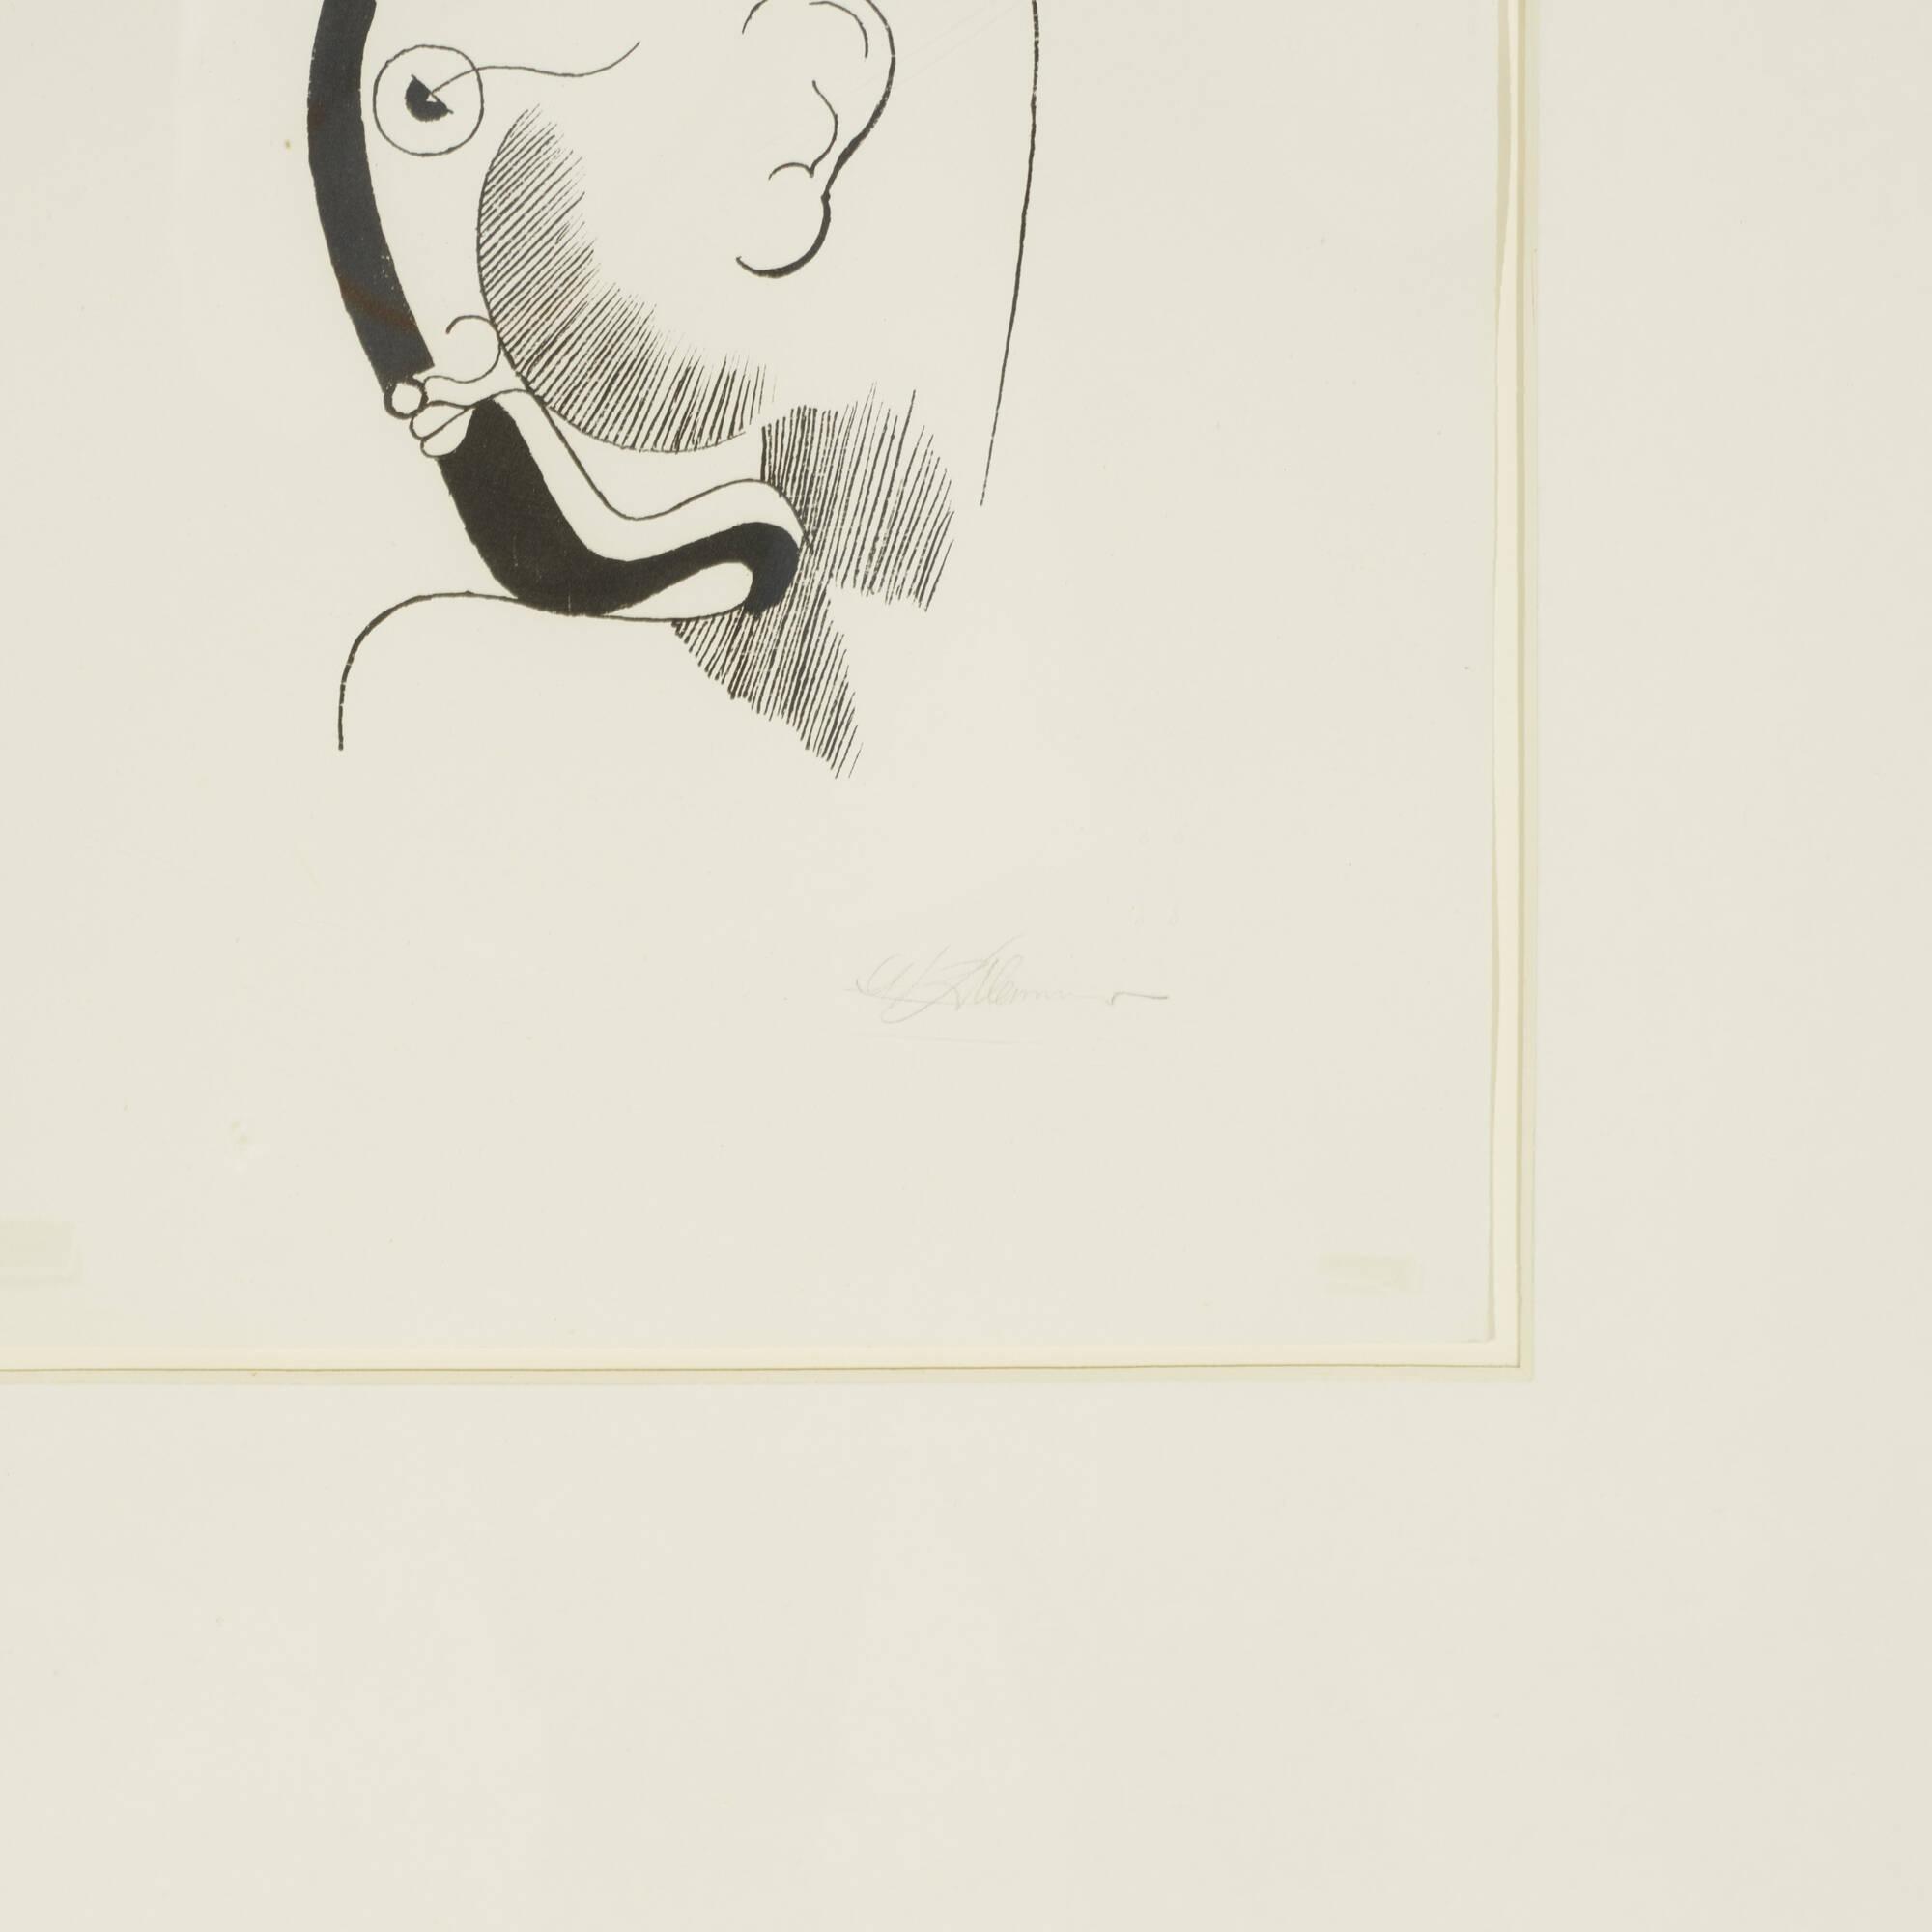 145: Oskar Schlemmer / Head in Profile (2 of 2)